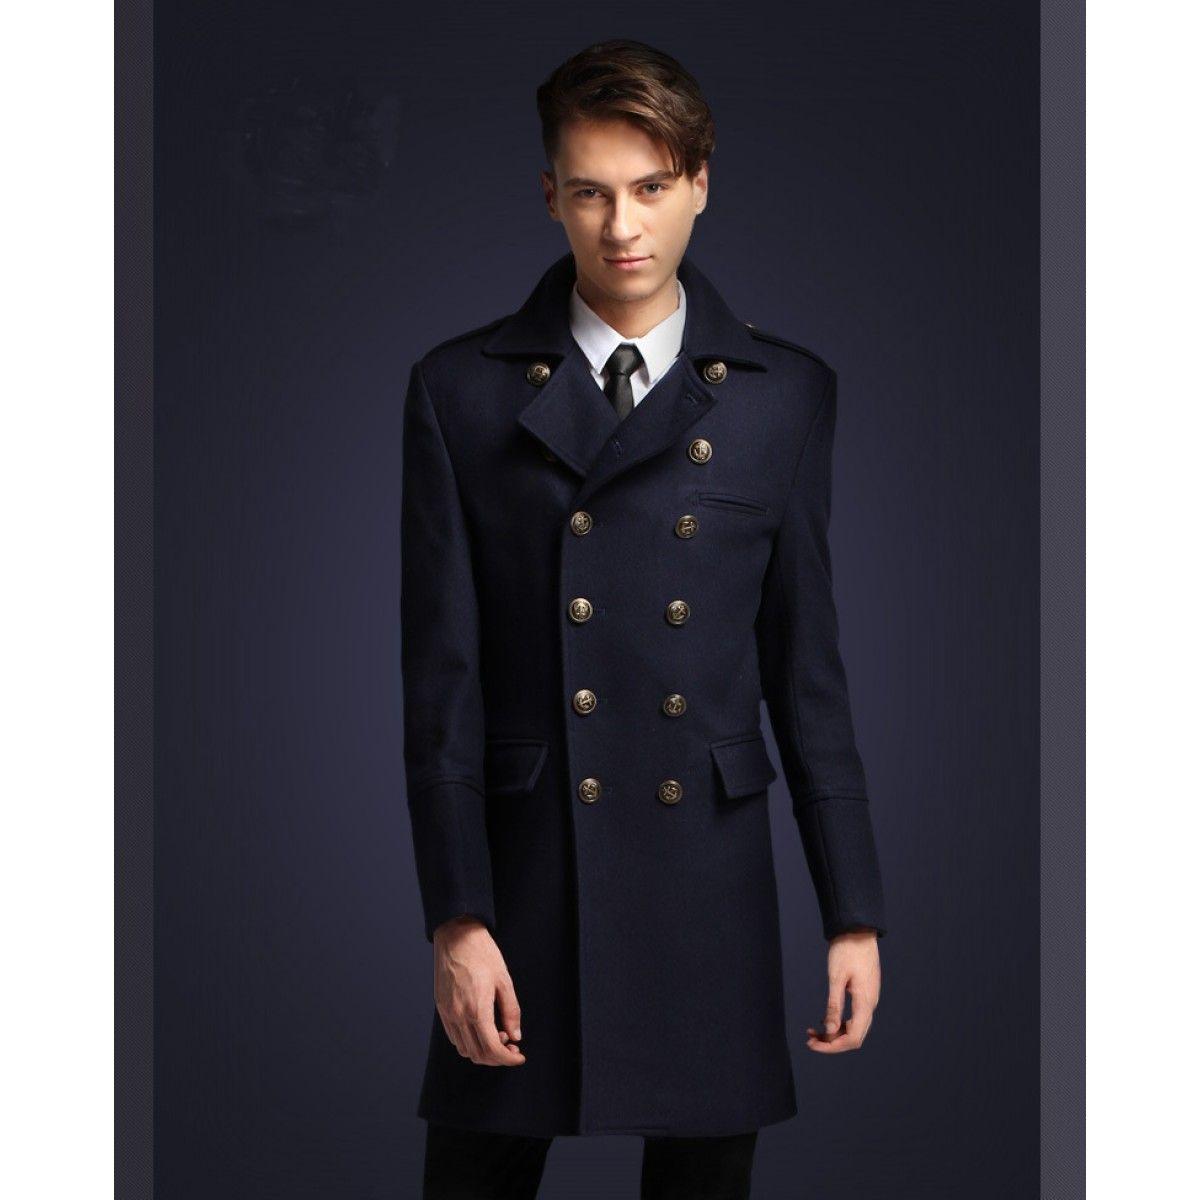 Vestes Camouflage : 5 modèles de luxe et uniques à découvrir !